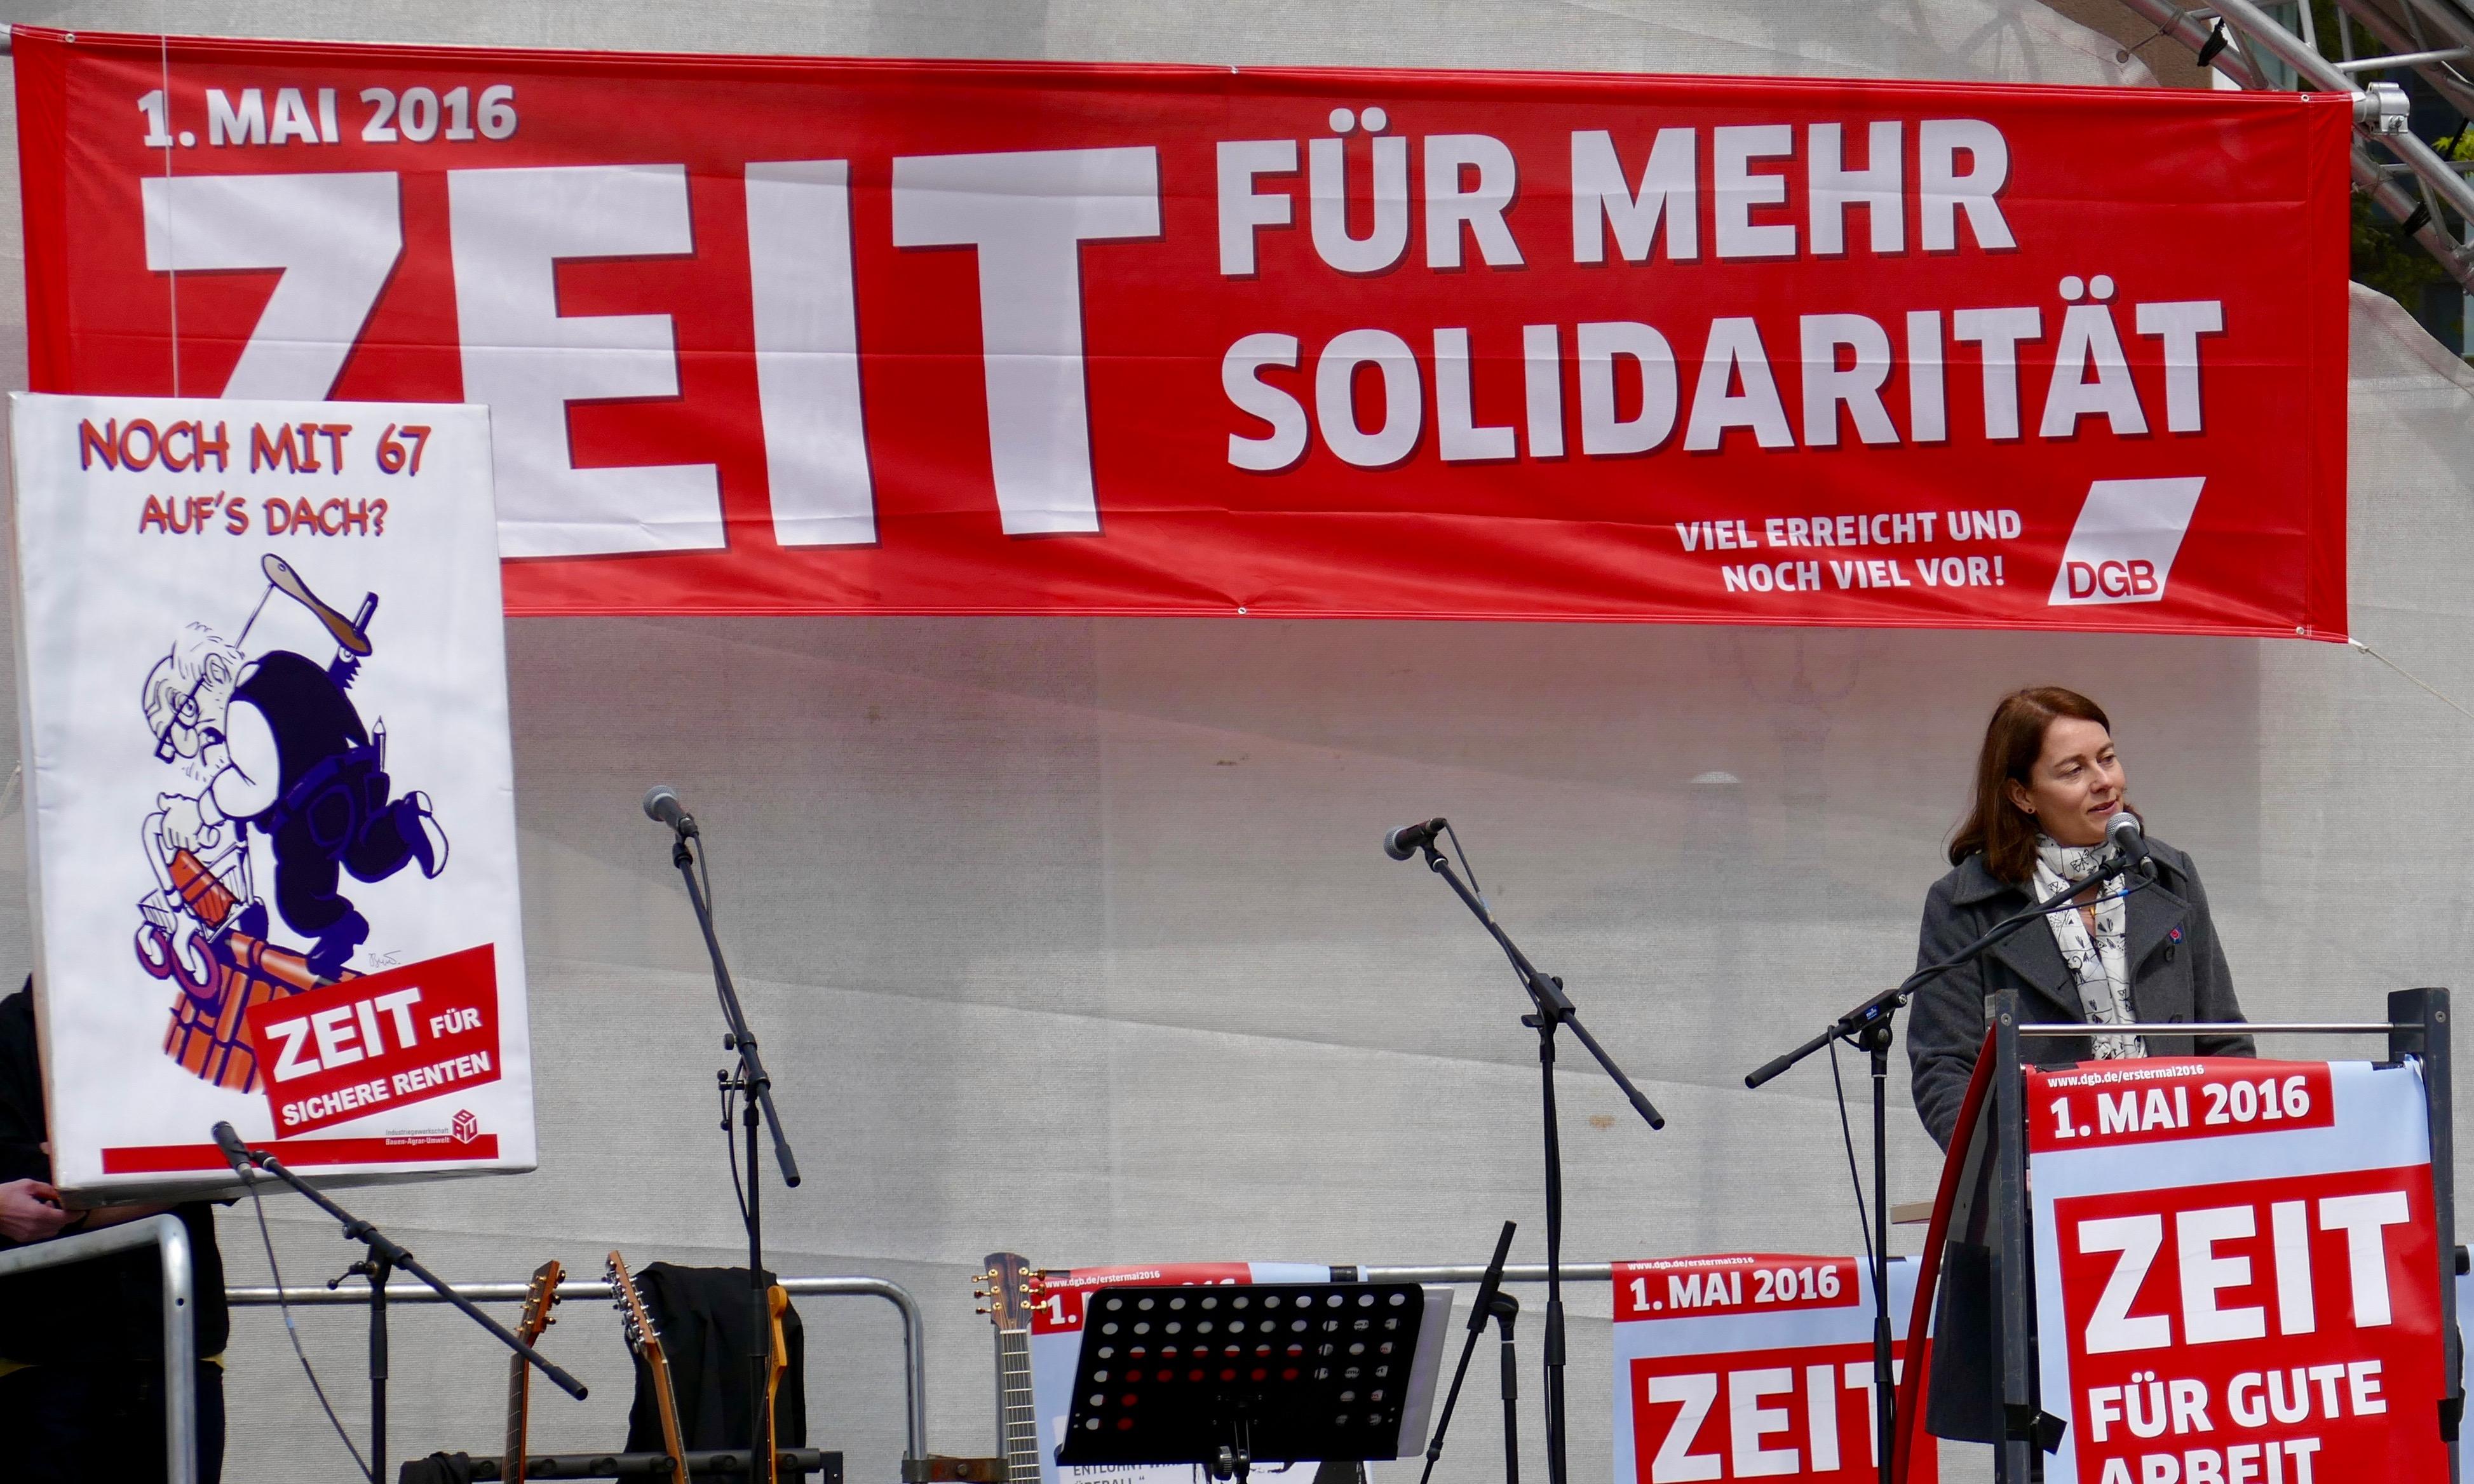 Zeit für mehr Solidarität – 1. Mai 2016